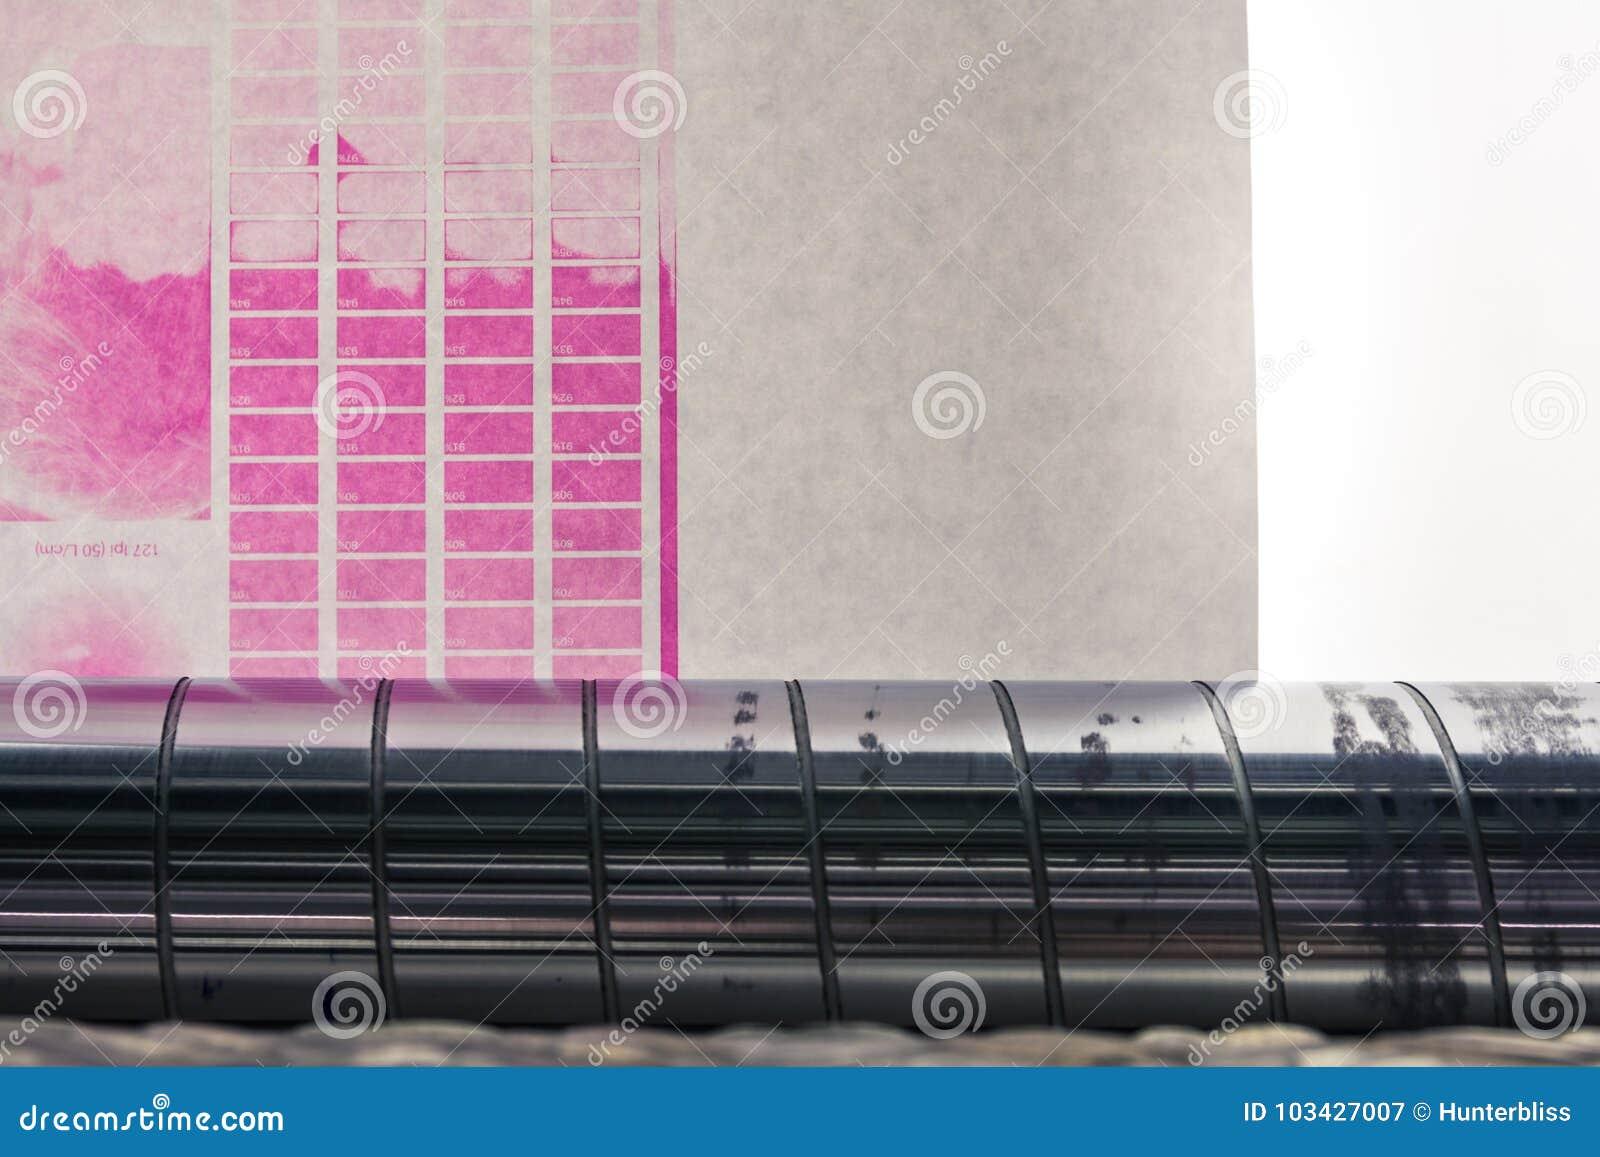 Calibração de impermeabilização Backlit Flexography do teste da estreia do rolo da Web